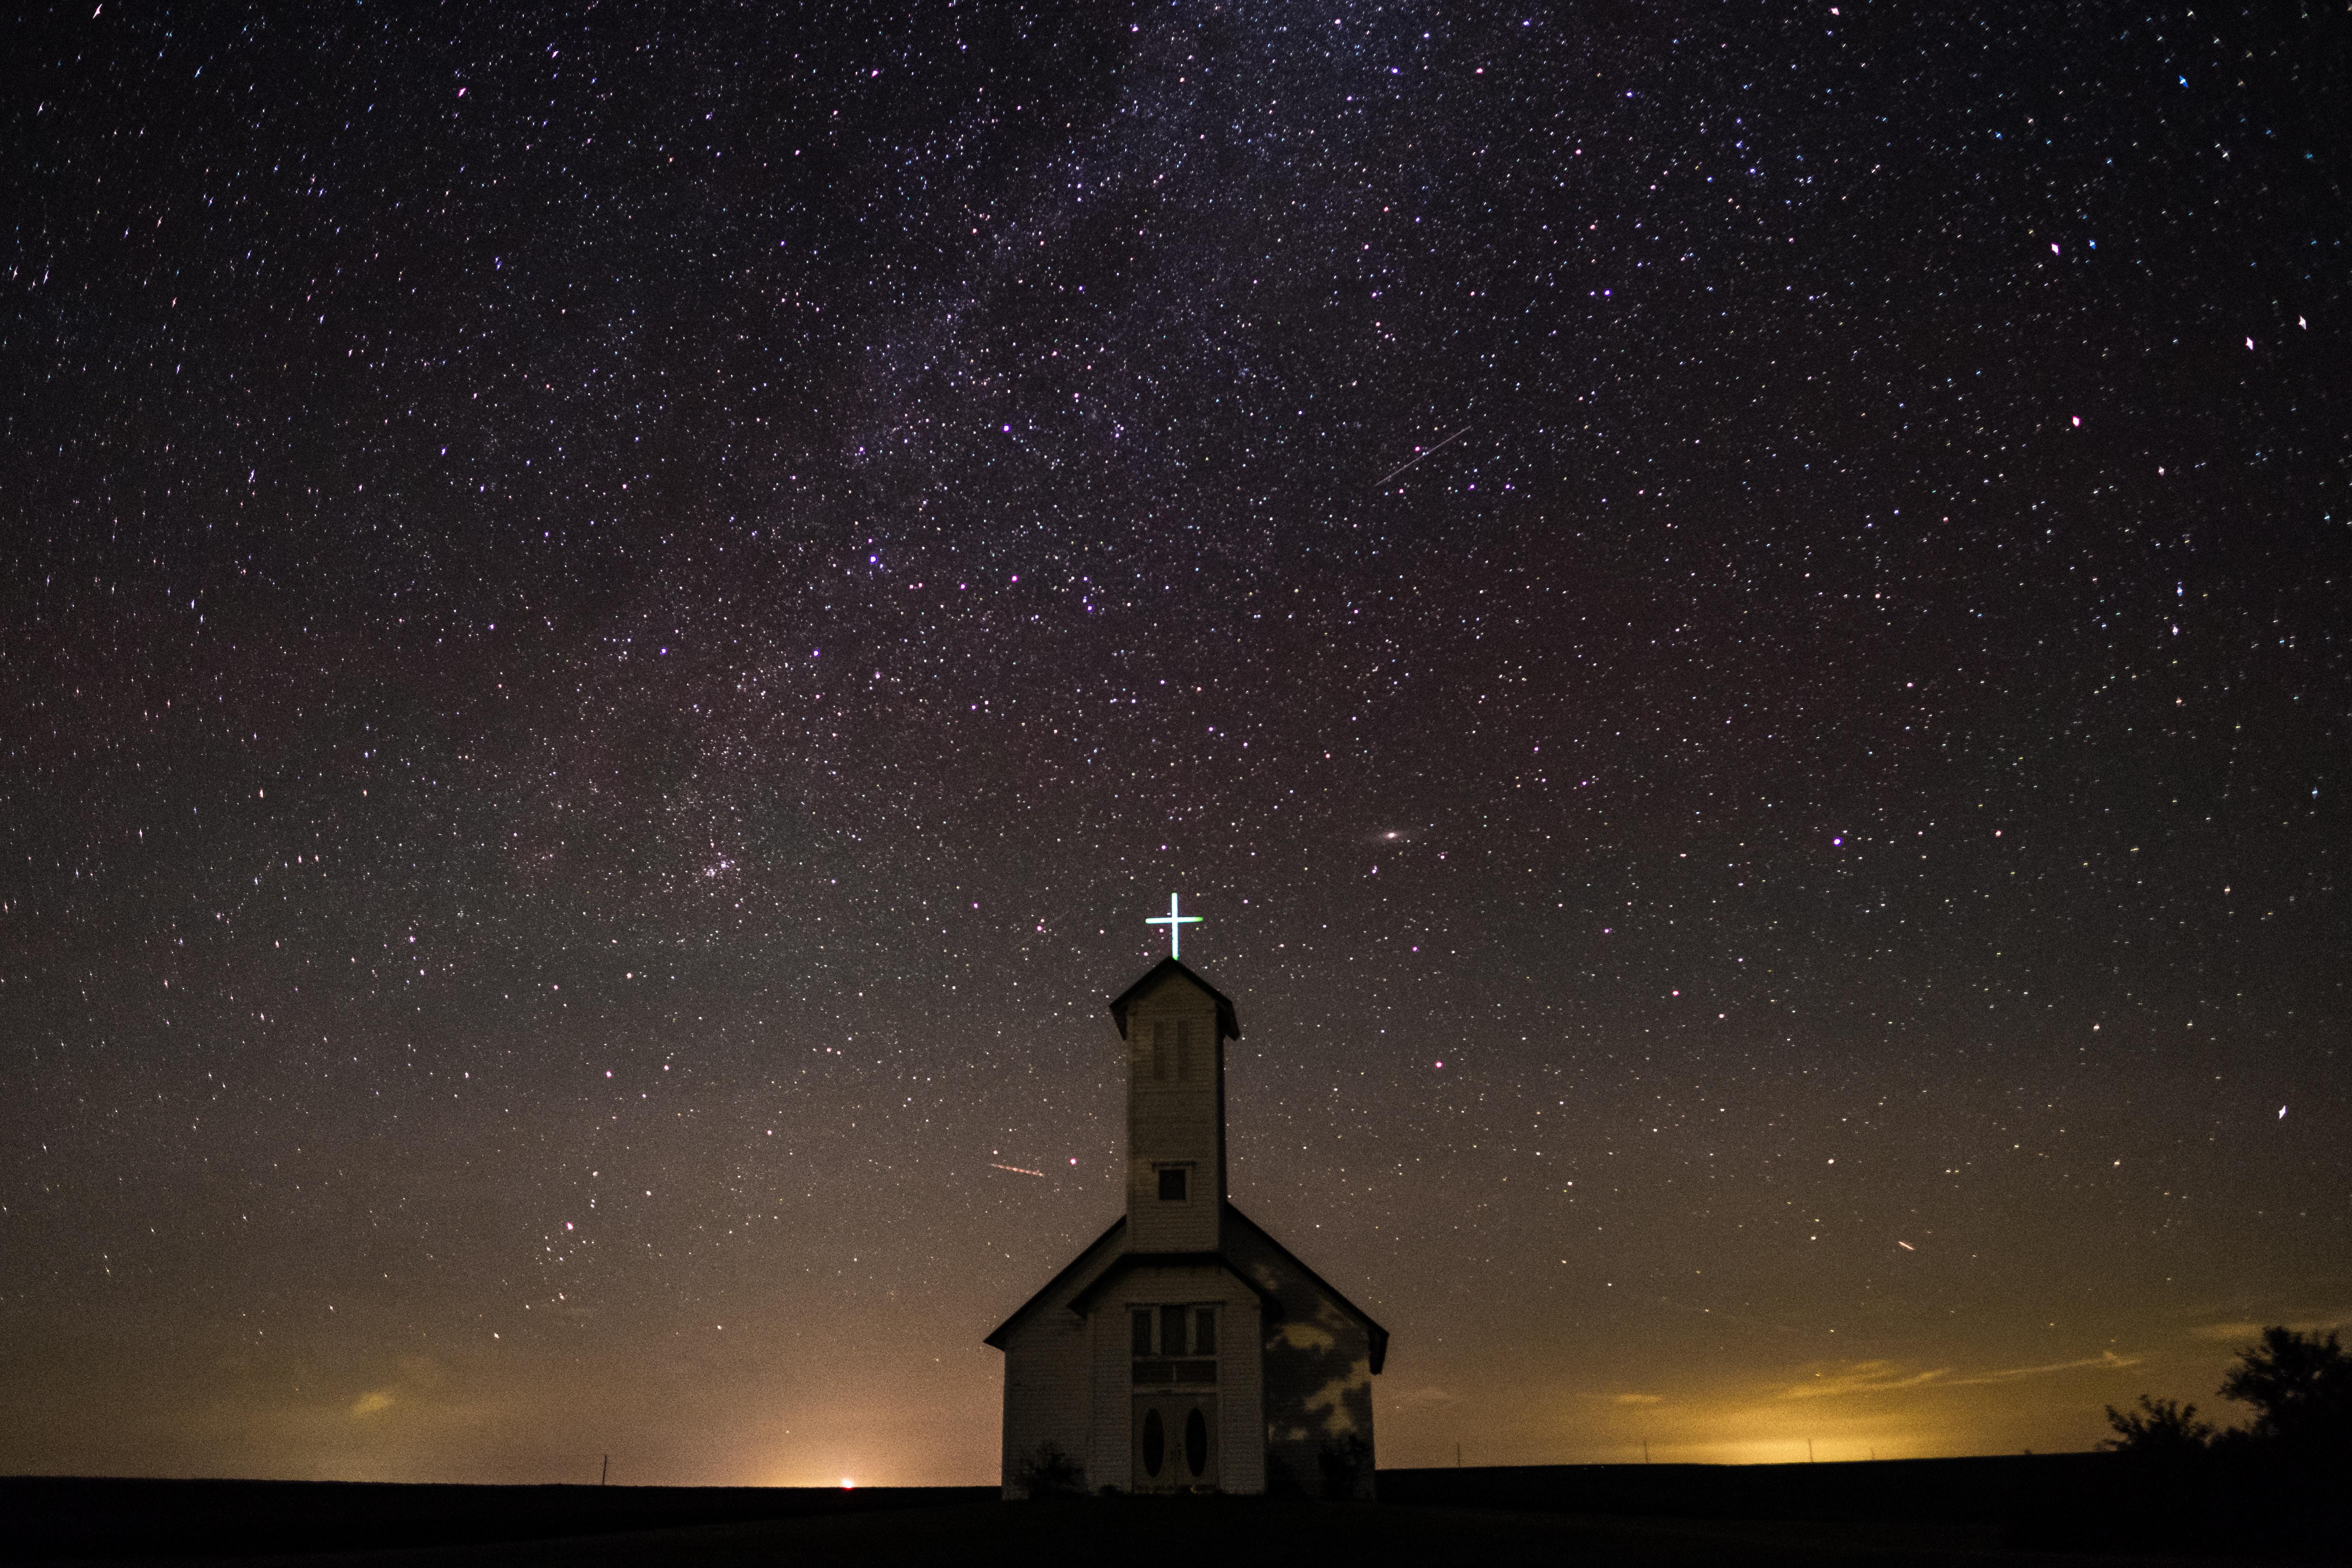 110075 обои 1080x2400 на телефон бесплатно, скачать картинки Церковь, Природа, Ночь, Звездное Небо, Сша, Окленд 1080x2400 на мобильный